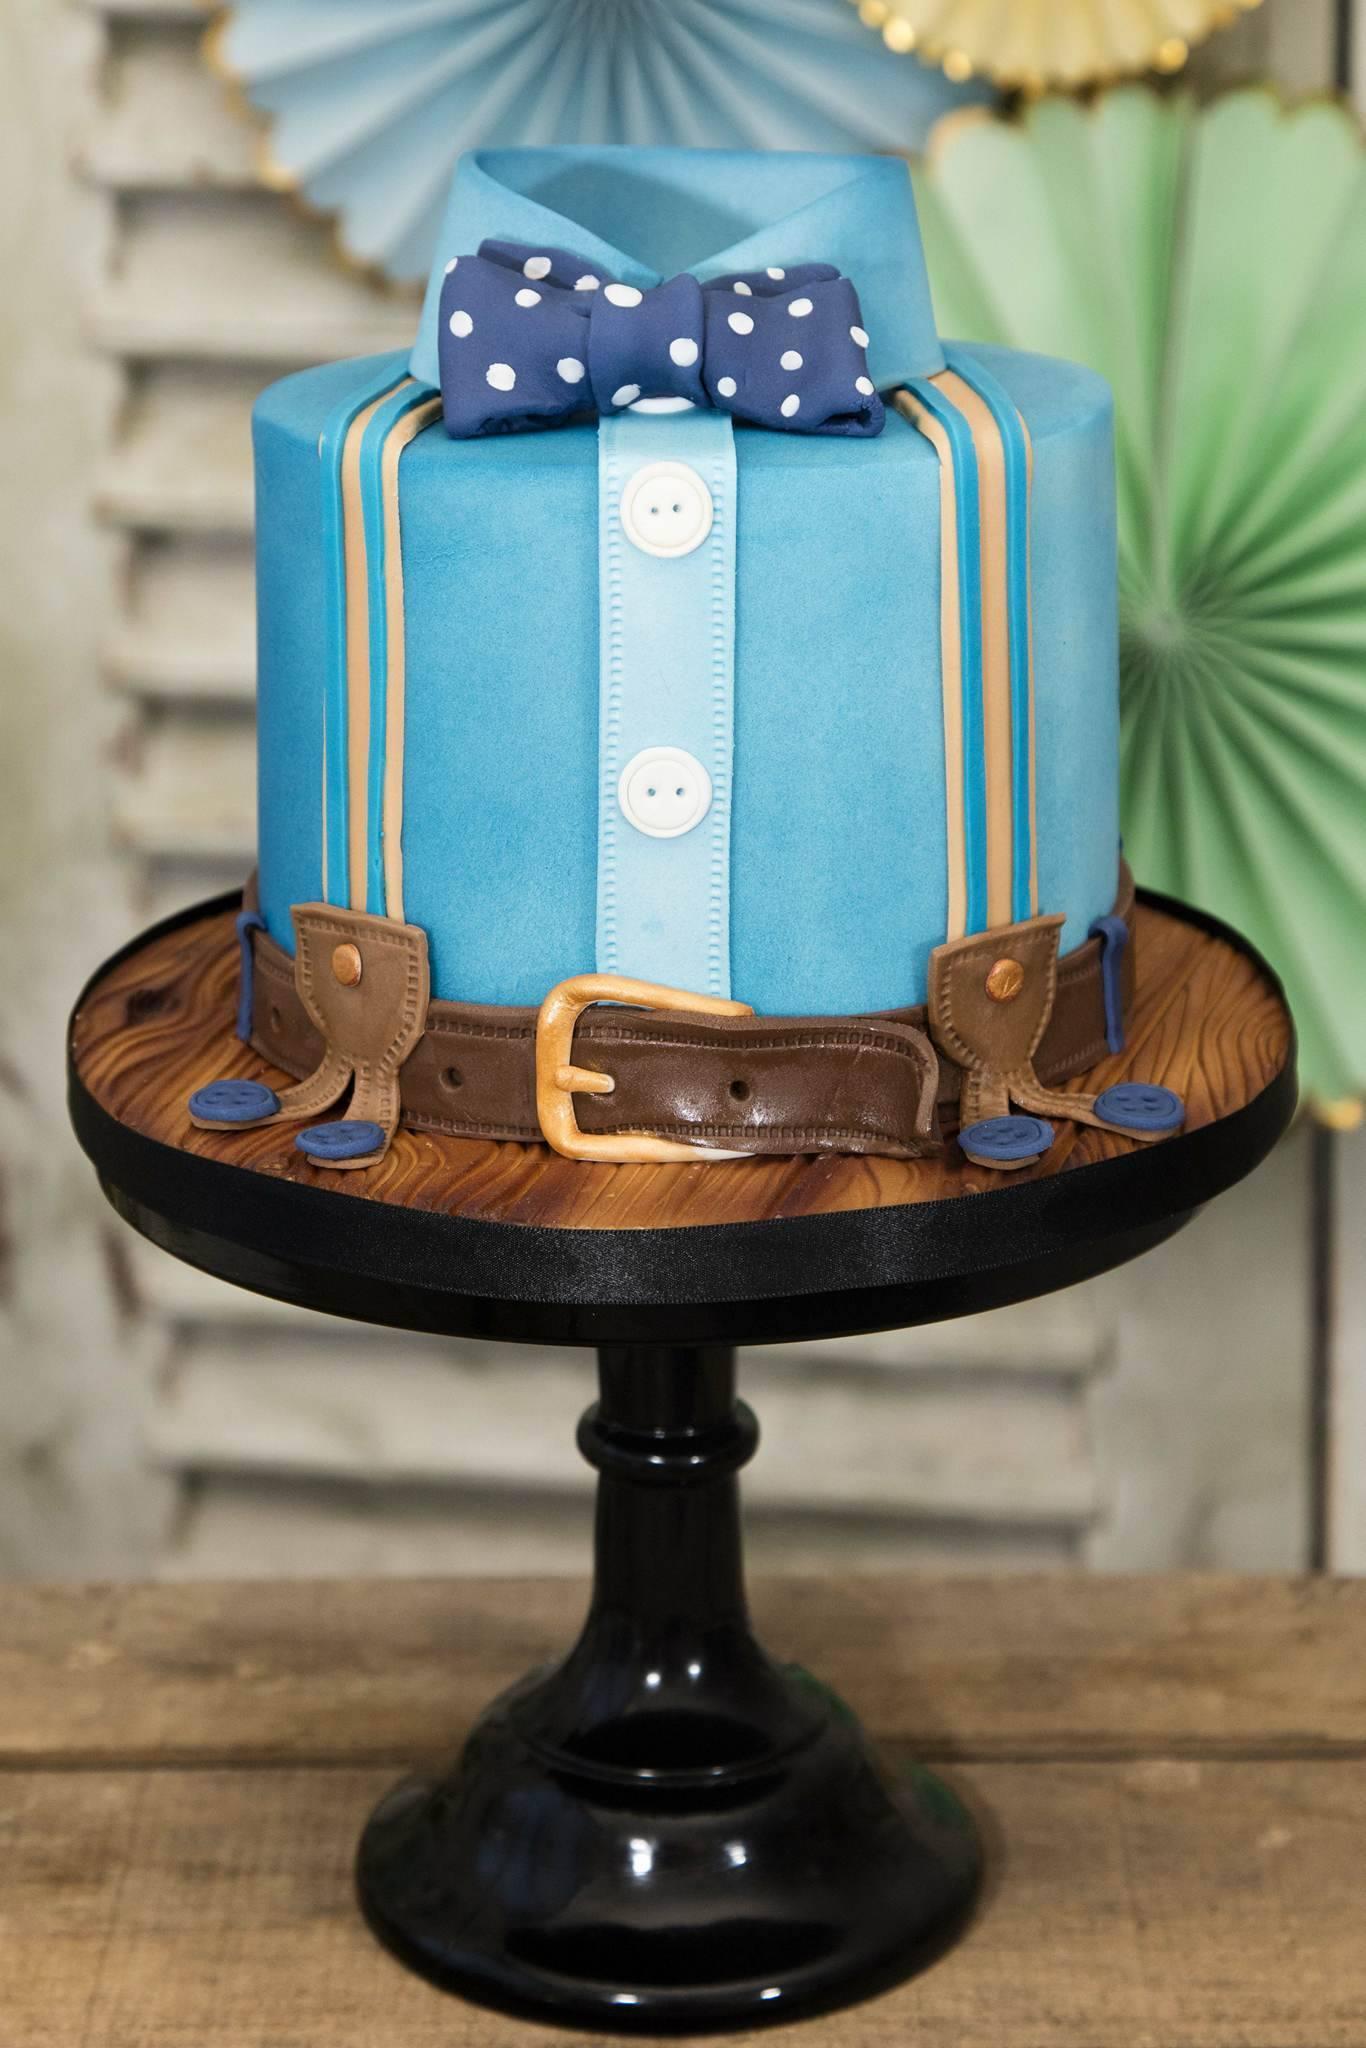 Men's Bow tie cake